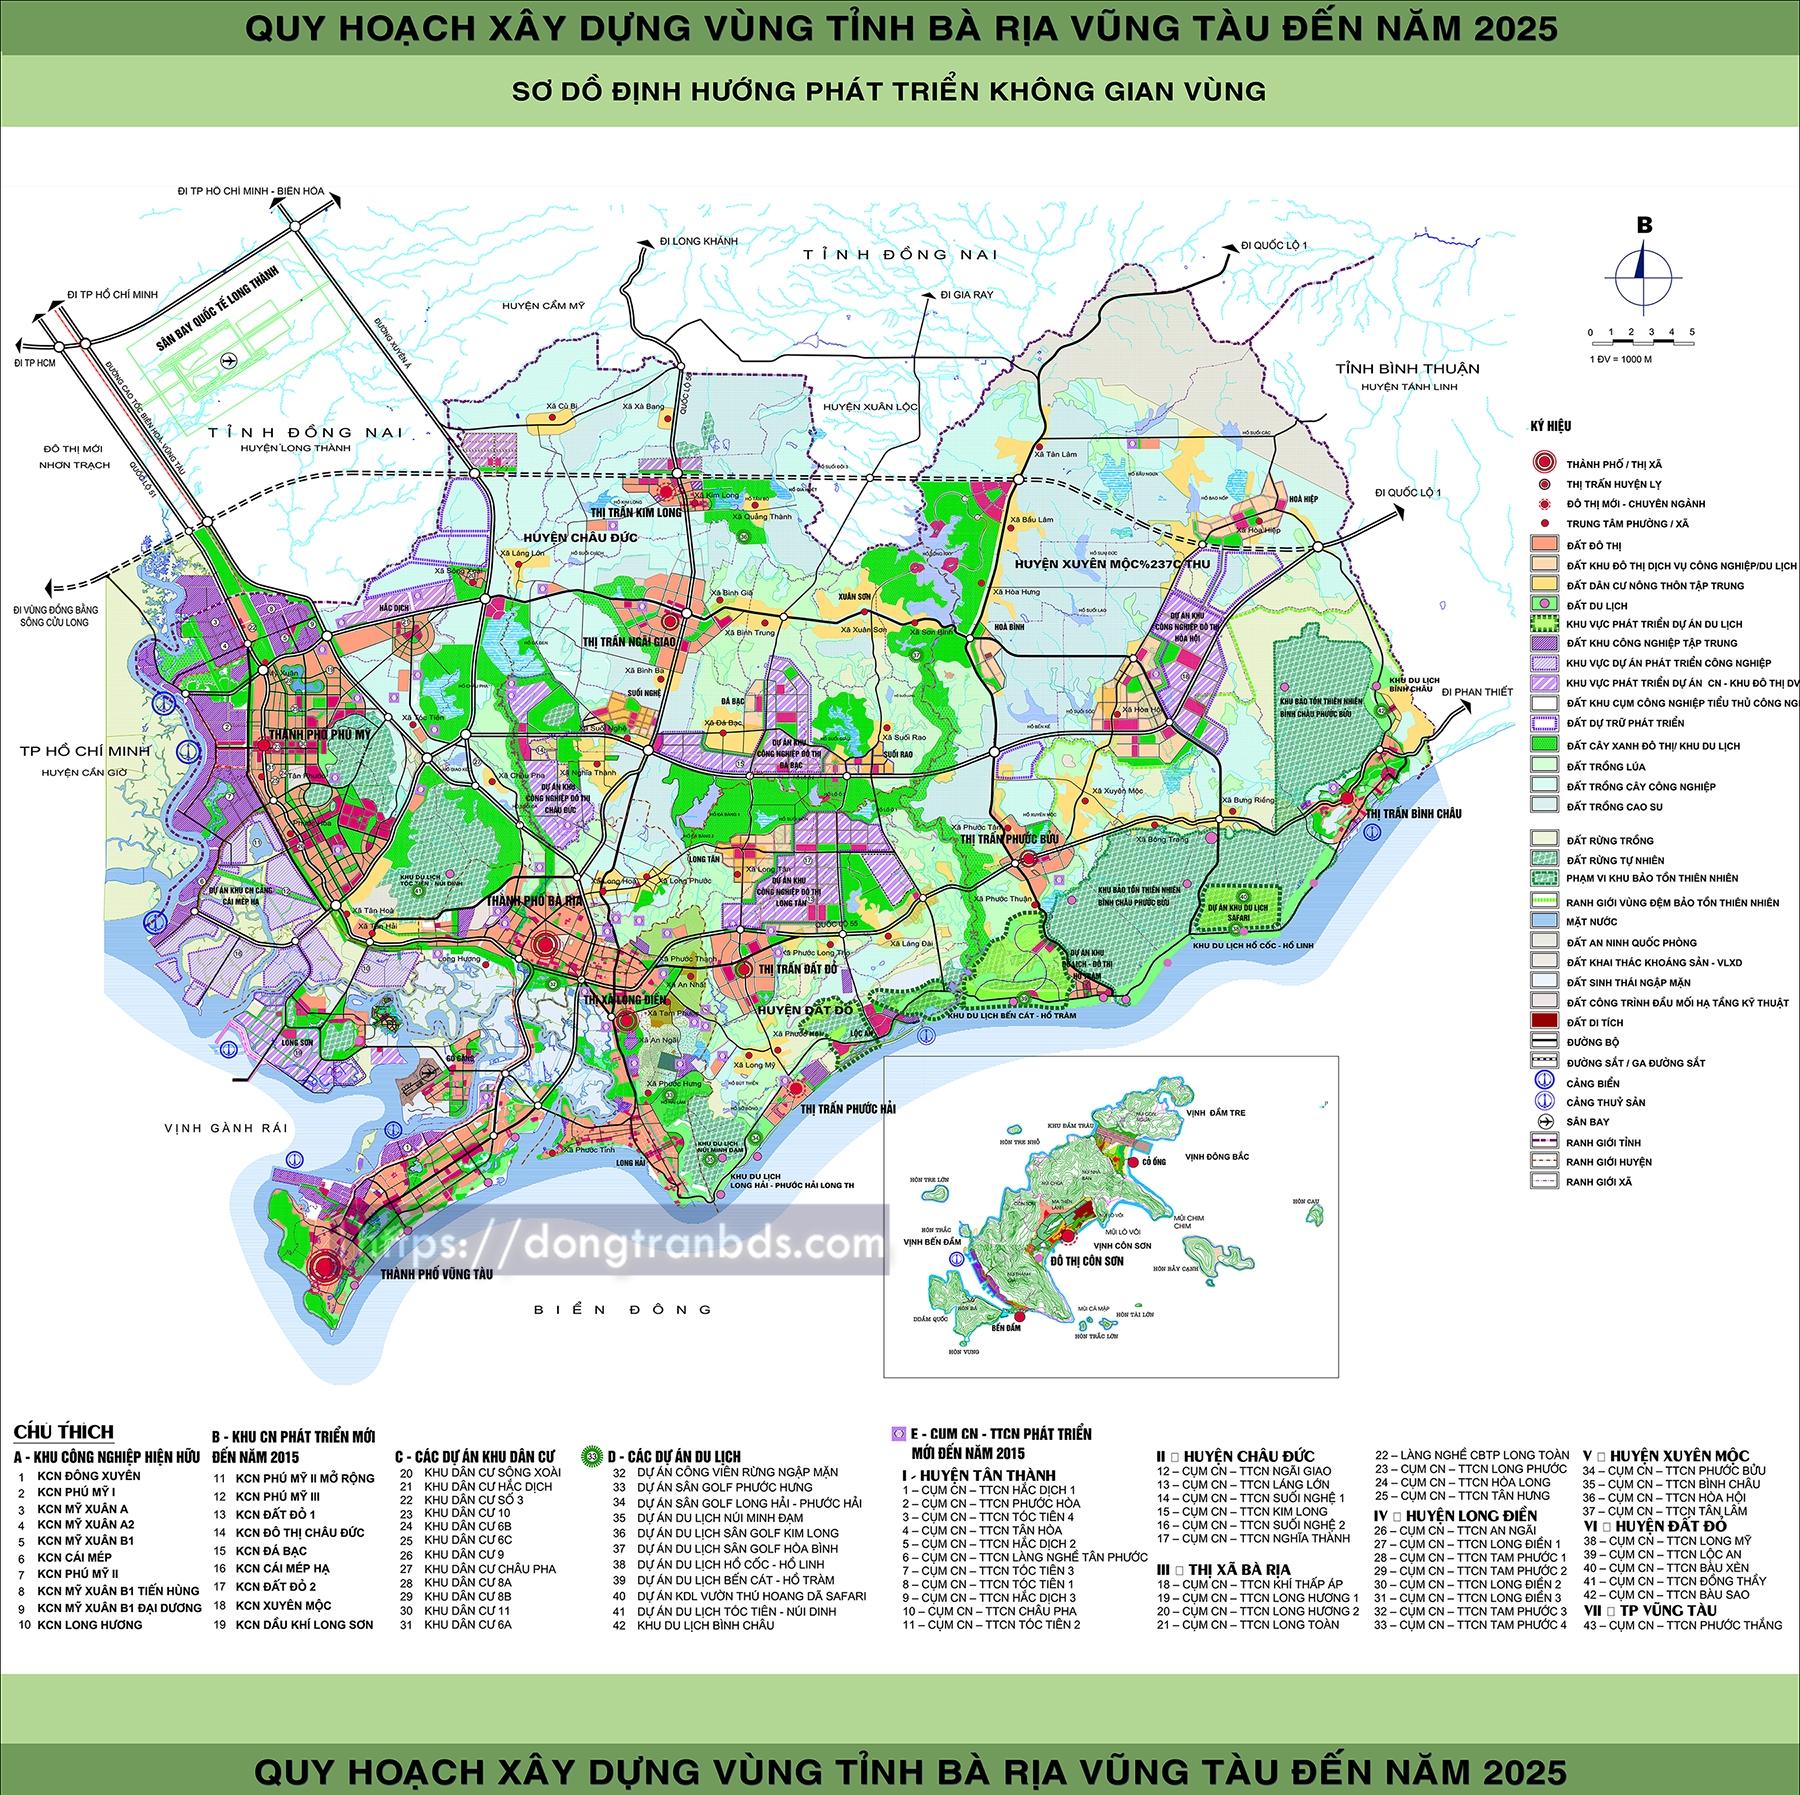 Quy hoạch vùng tỉnh Bà Rịa Vũng Tàu tới năm 2025